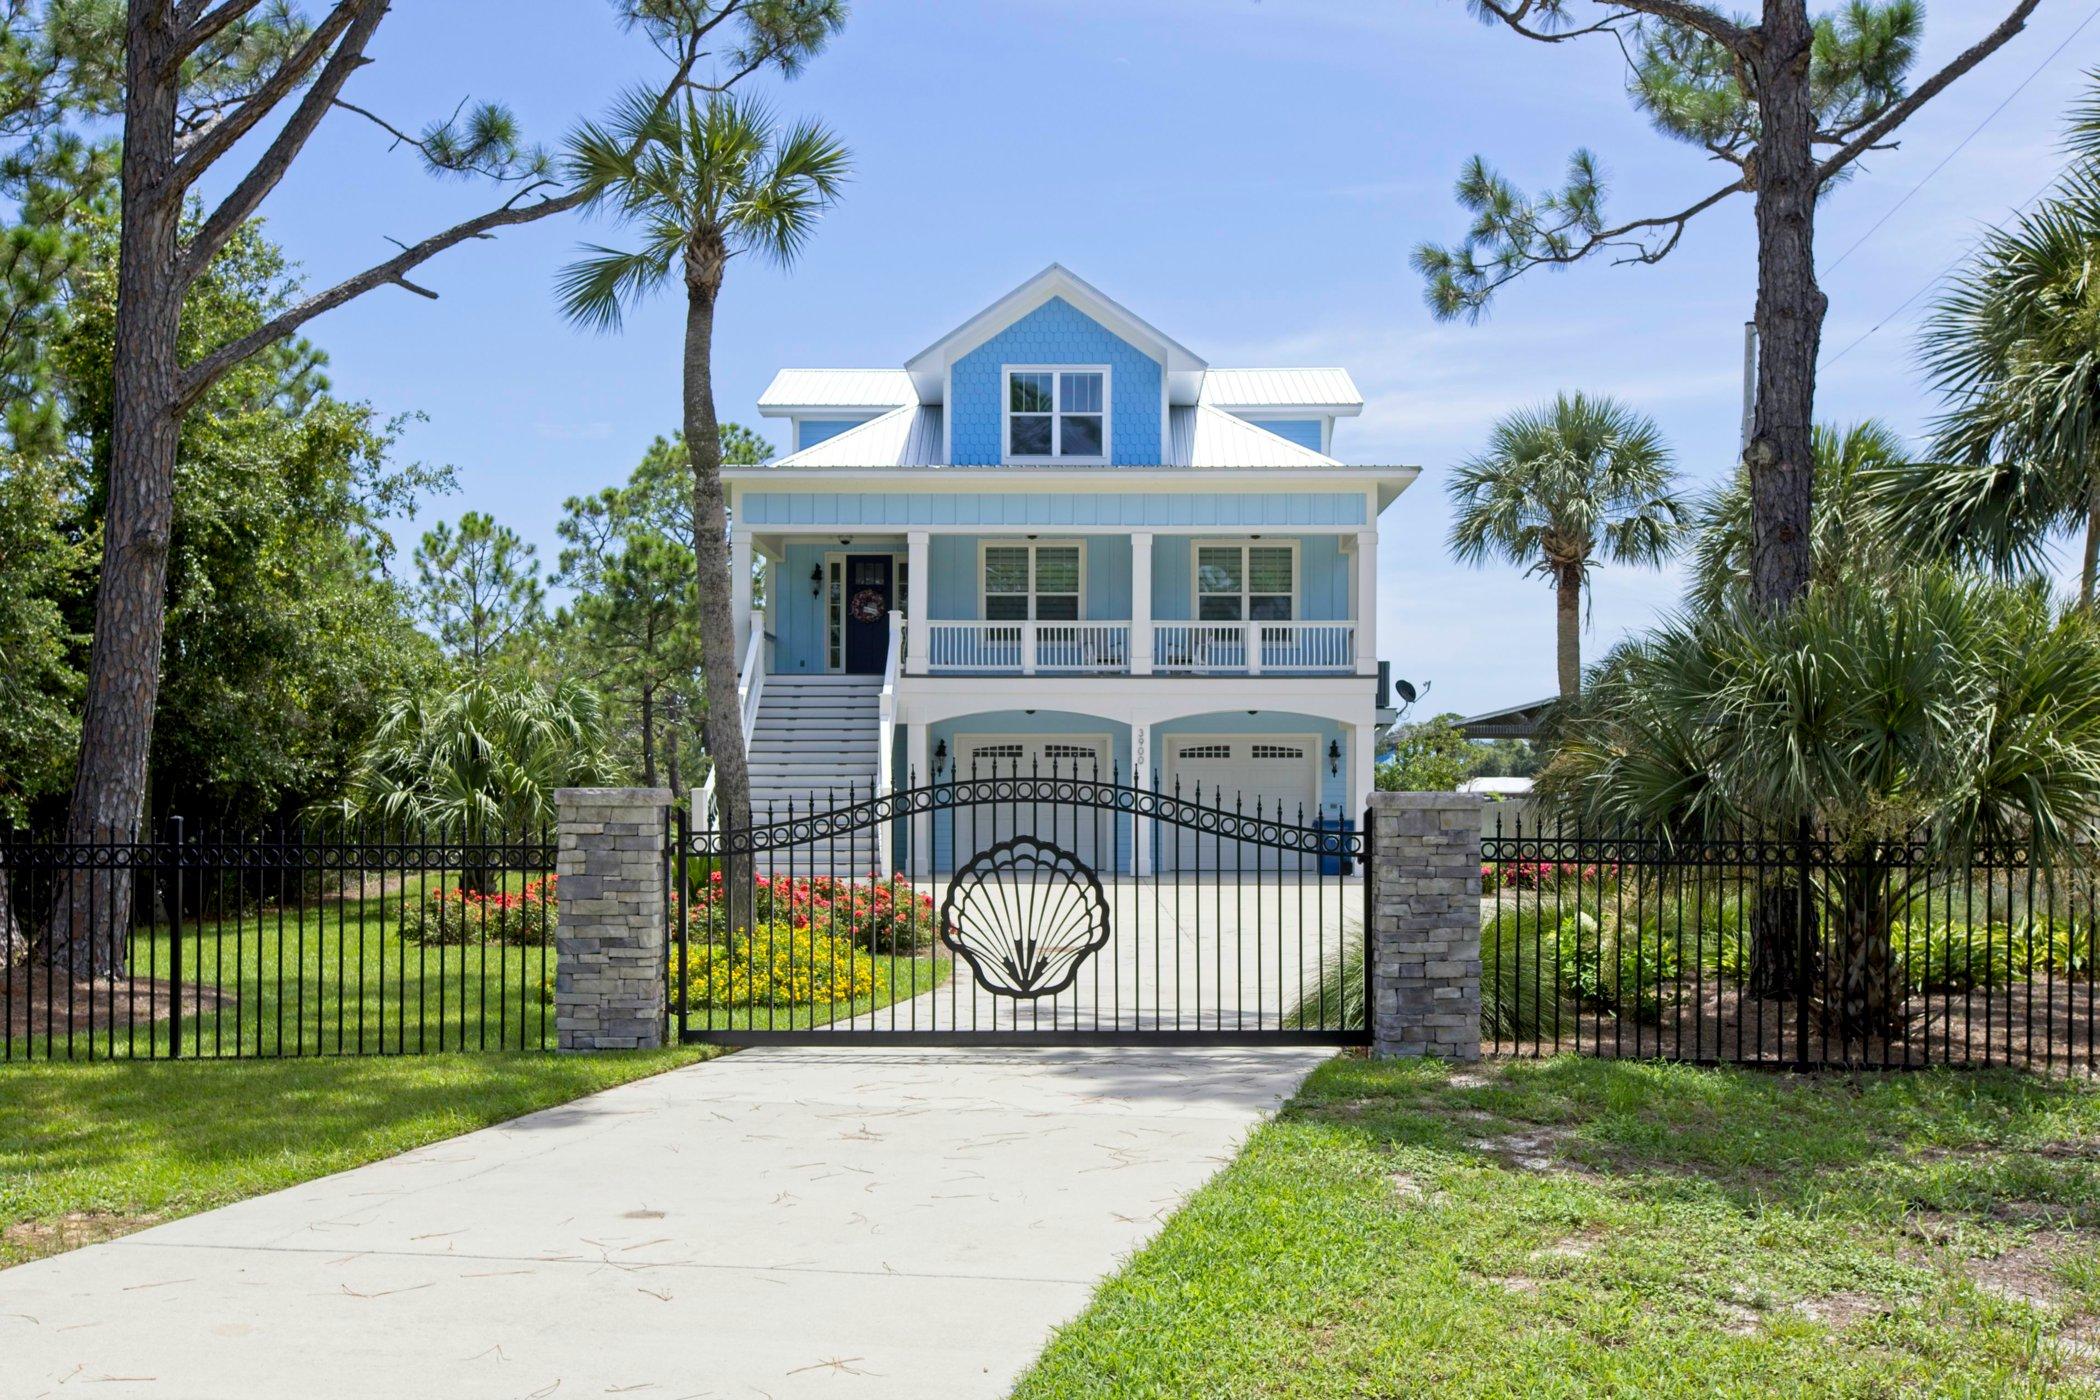 3900 Orange Beach Blvd -  $1,850,000